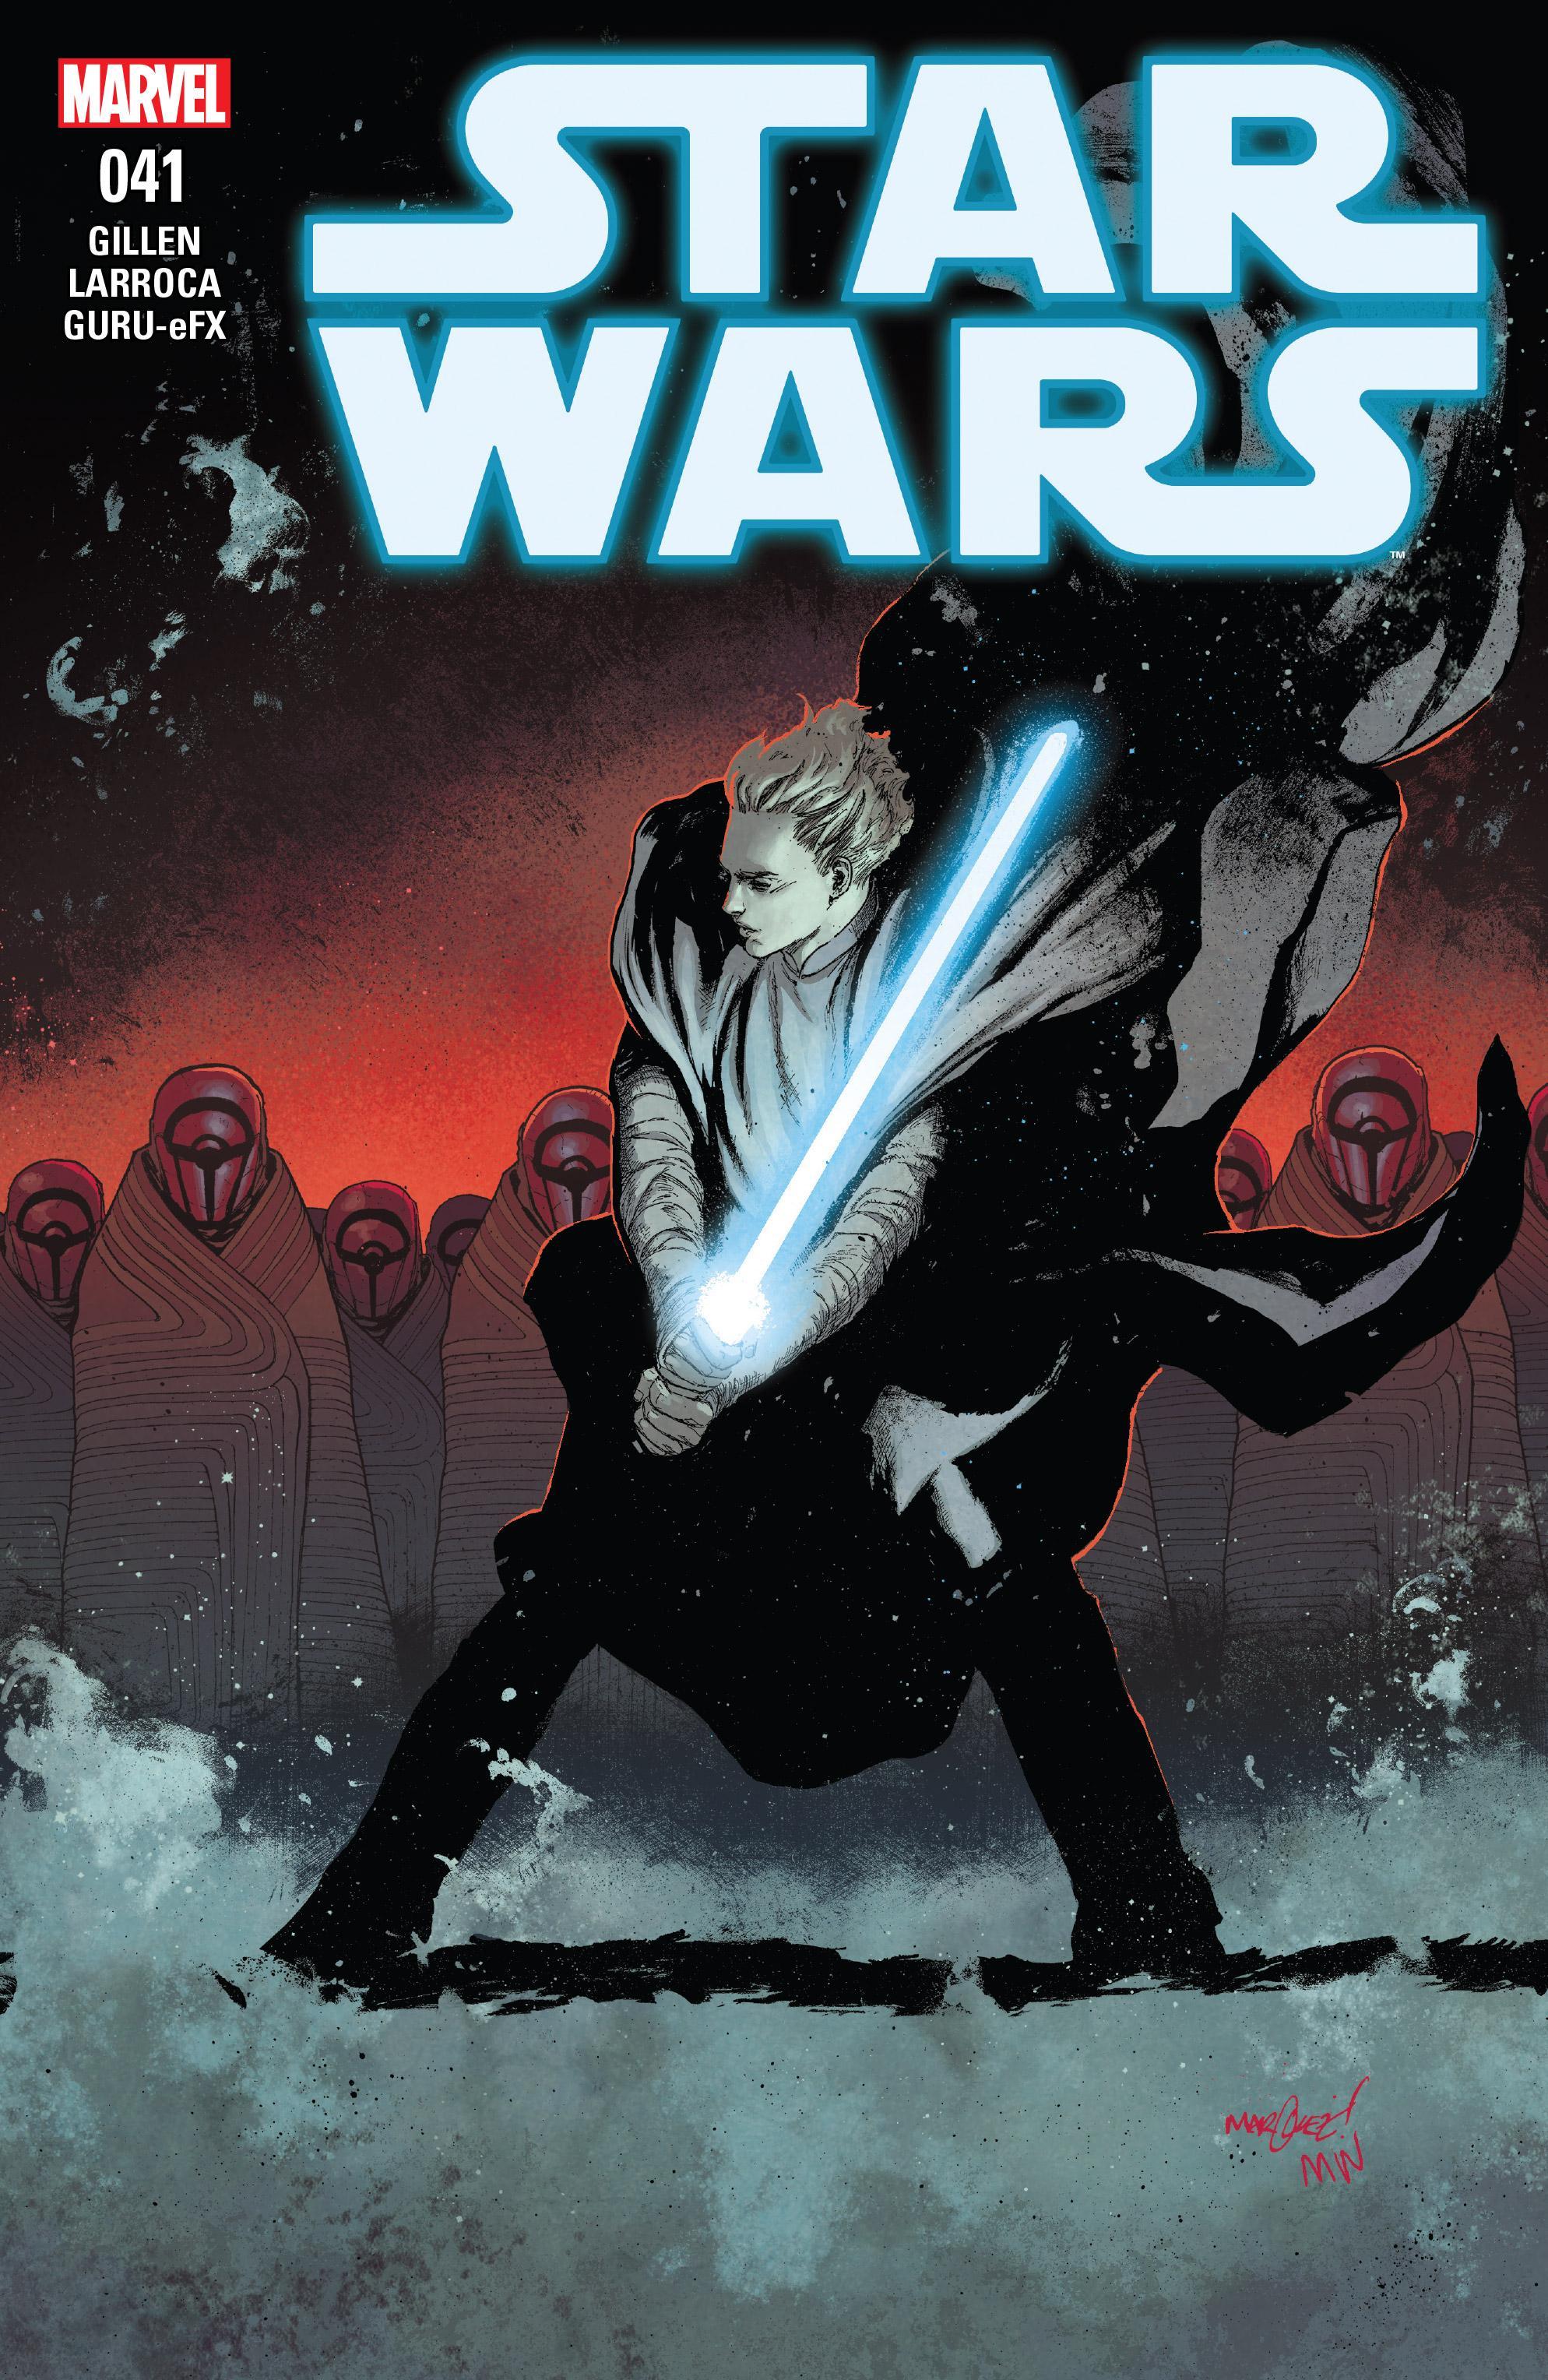 Звёздные войны 41: Пепел Джеды, часть 4